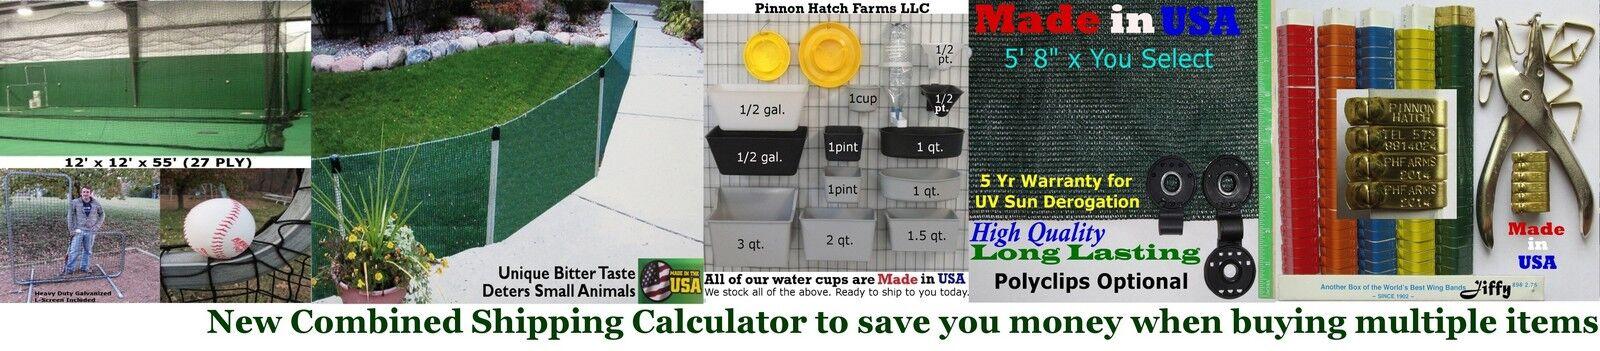 Pinnon Hatch Farms LLC